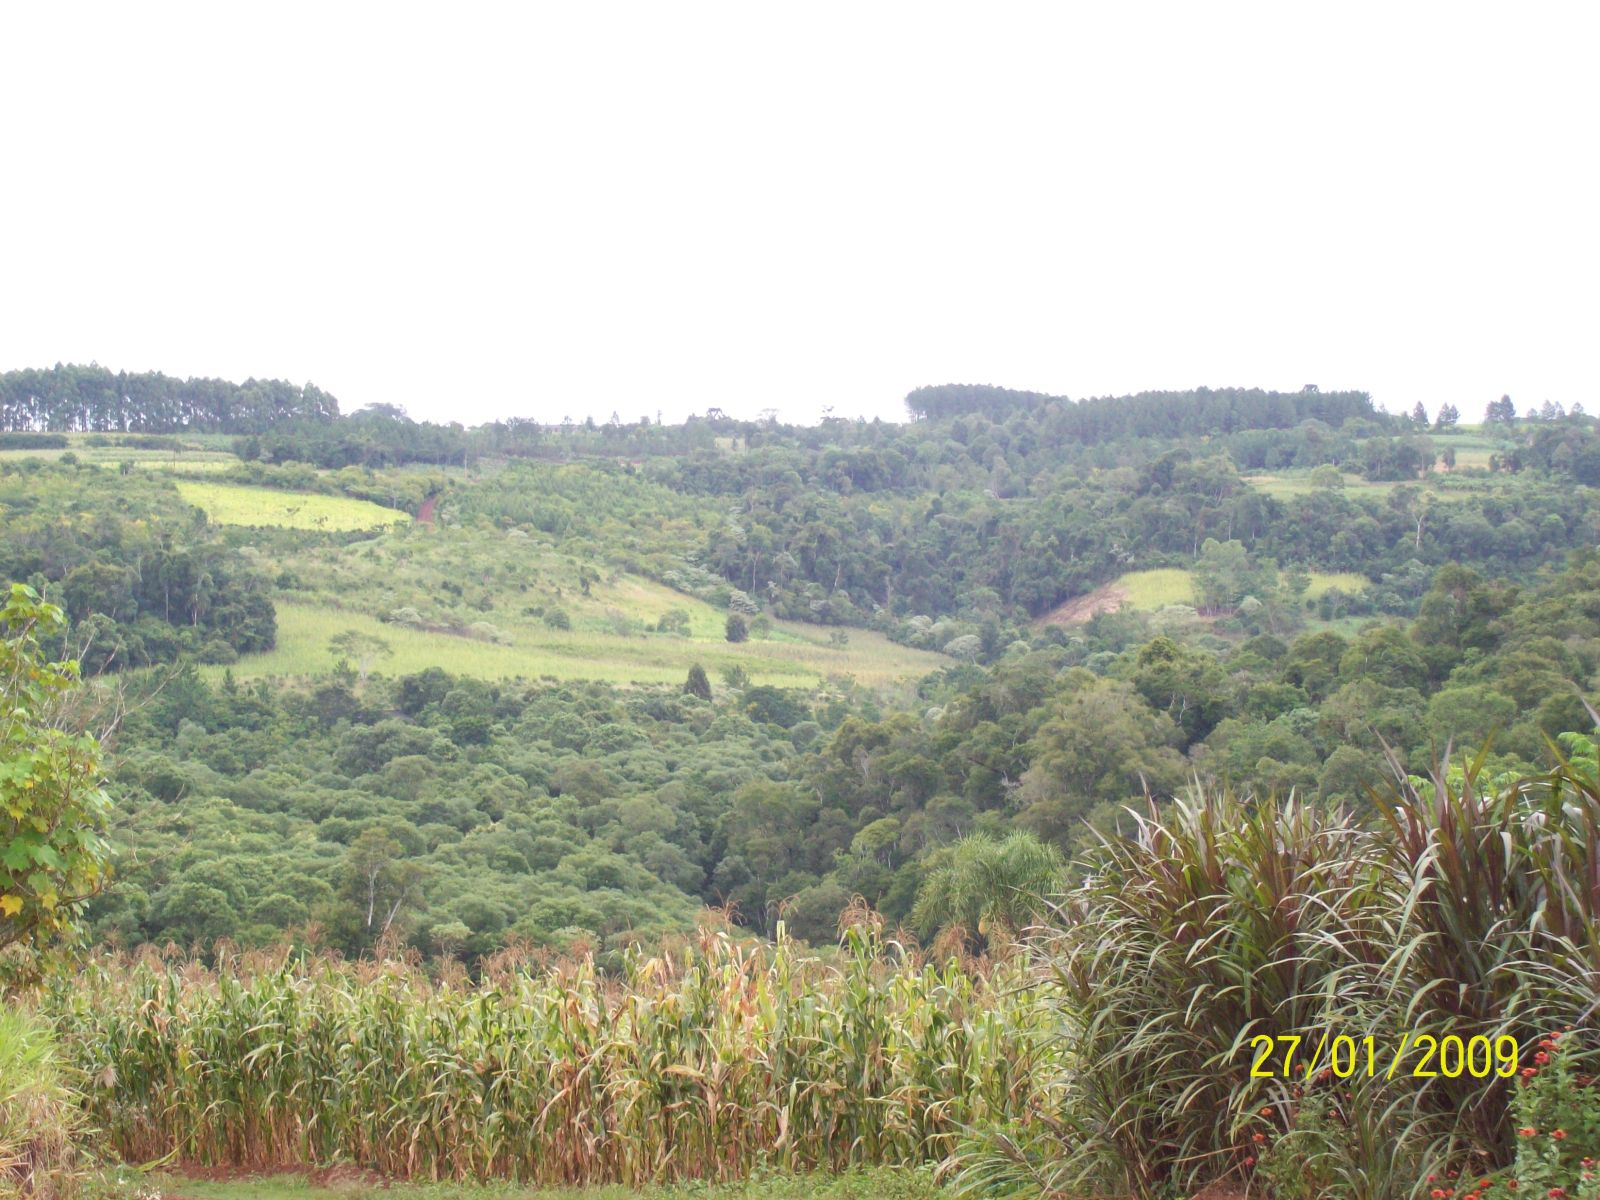 Informe de Campings en Misiones (ahora con imágenes) Nbu0xs